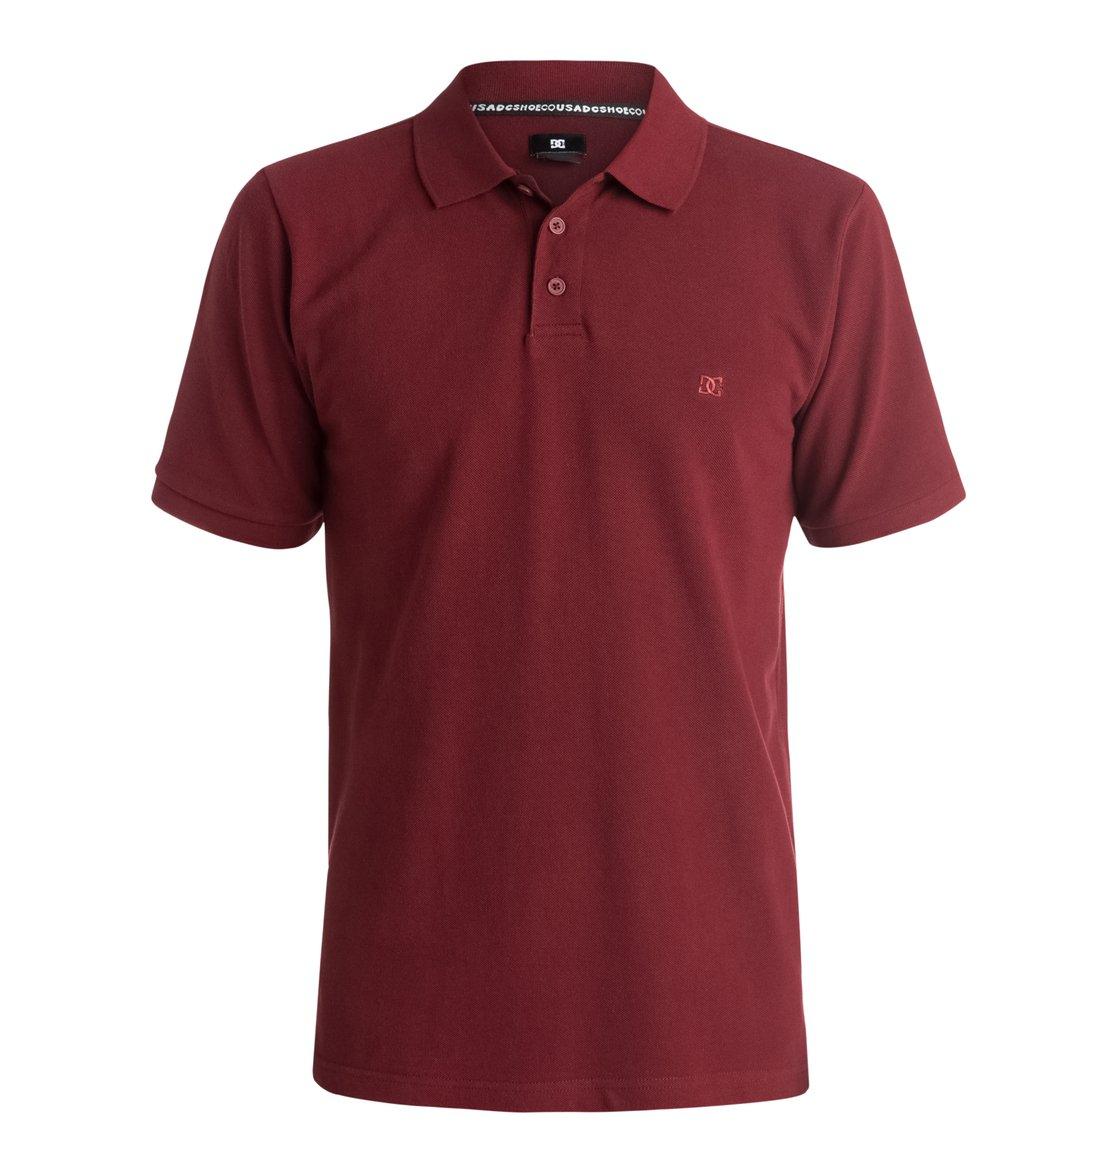 Holborn Polo ShirtМужская рубашка-поло Holborn от DC Shoes. <br>ХАРАКТЕРИСТИКИ: воротник в рубчик, пикейный хлопок стандартной плотности, застегивается на 3 пуговицы, тесьма «в елочку» в районе воротника сзади, вентиляция вдоль боков, заниженная линия подола сзади, ярлык с логотипом DC. <br>СОСТАВ: 100% хлопок.<br>